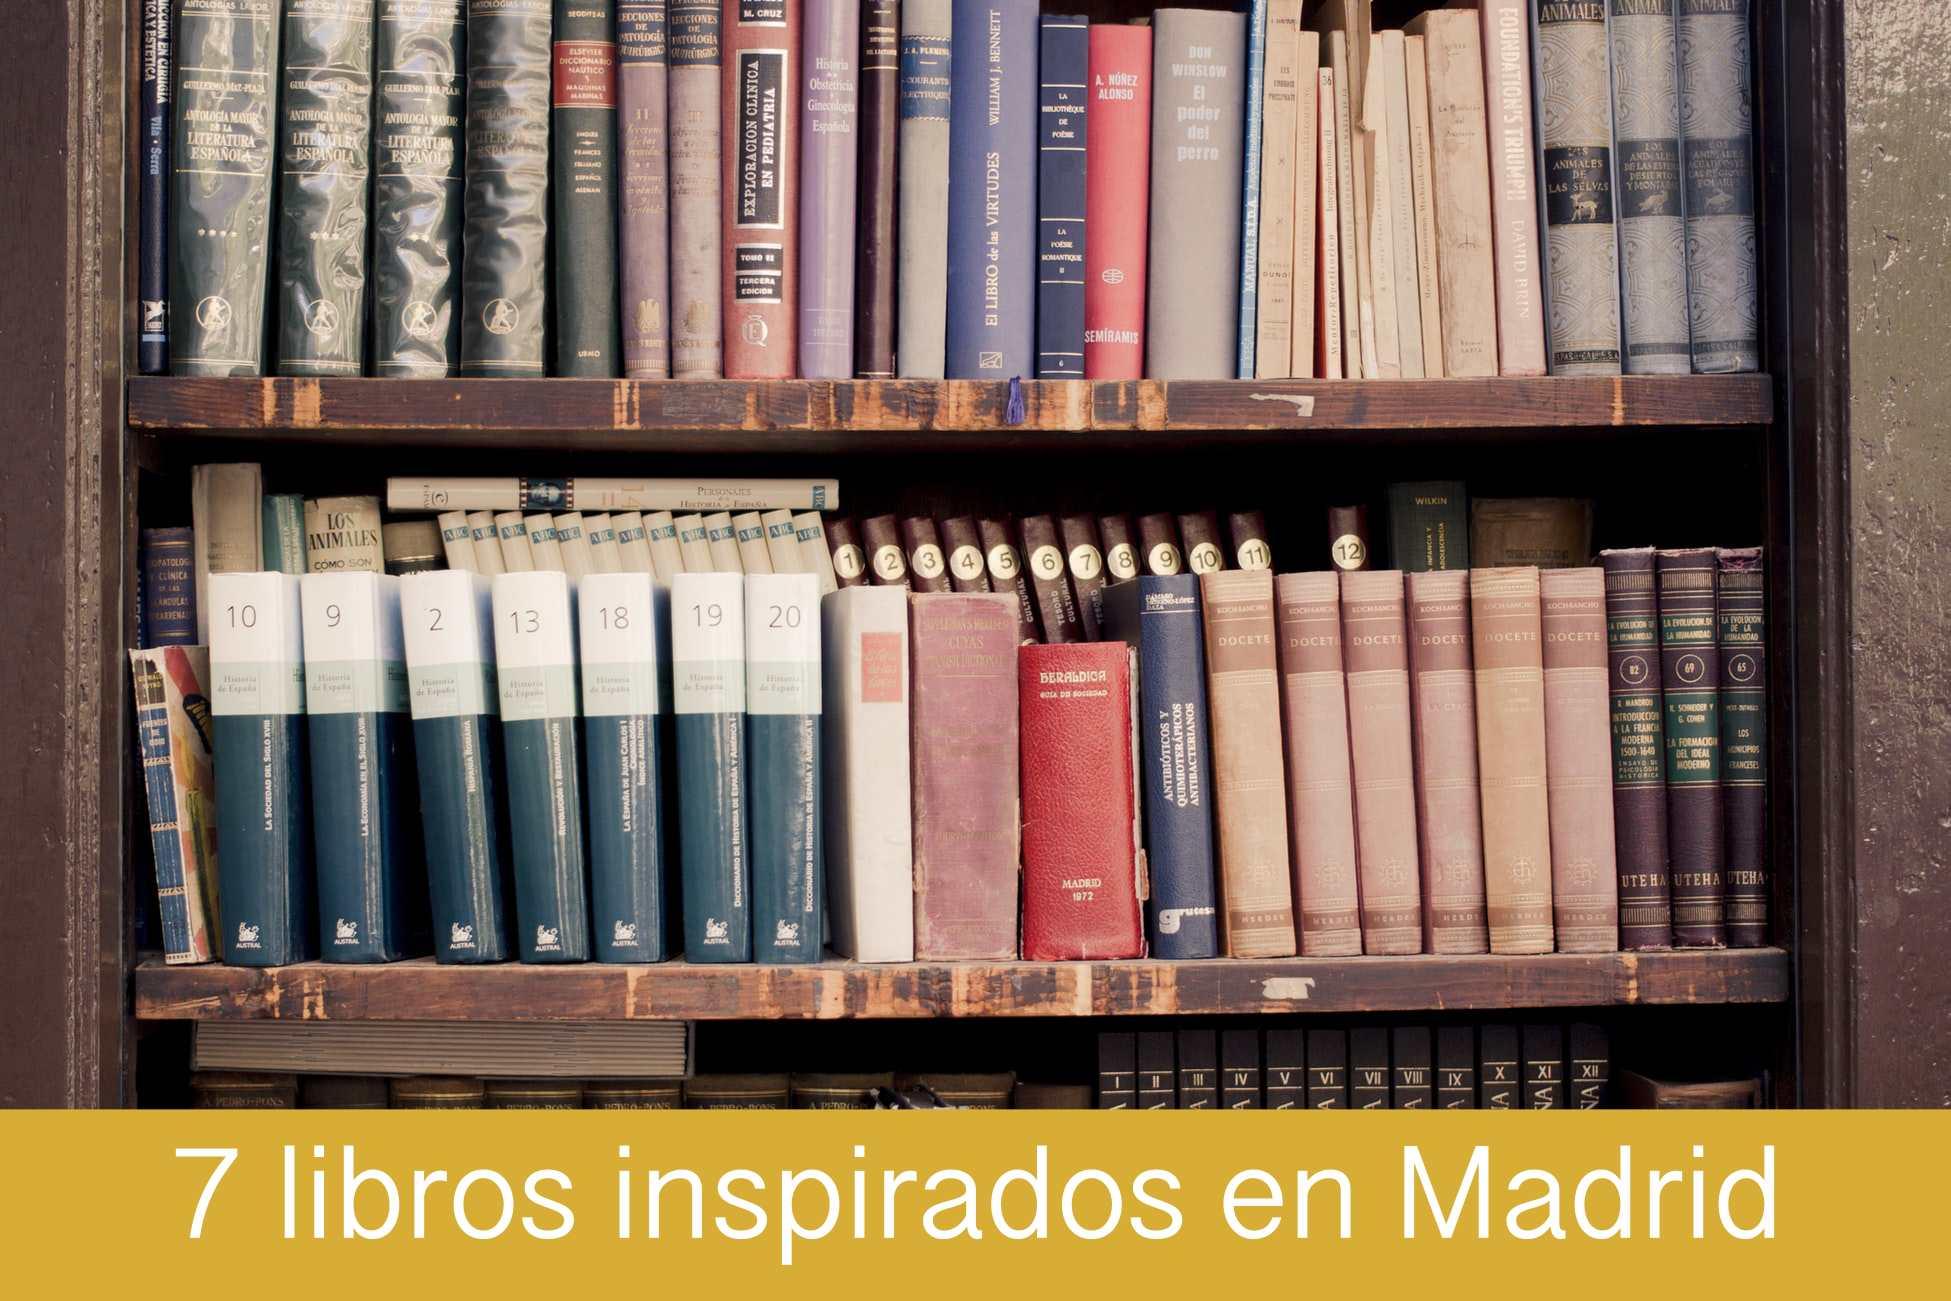 7 libros inspirados en Madrid